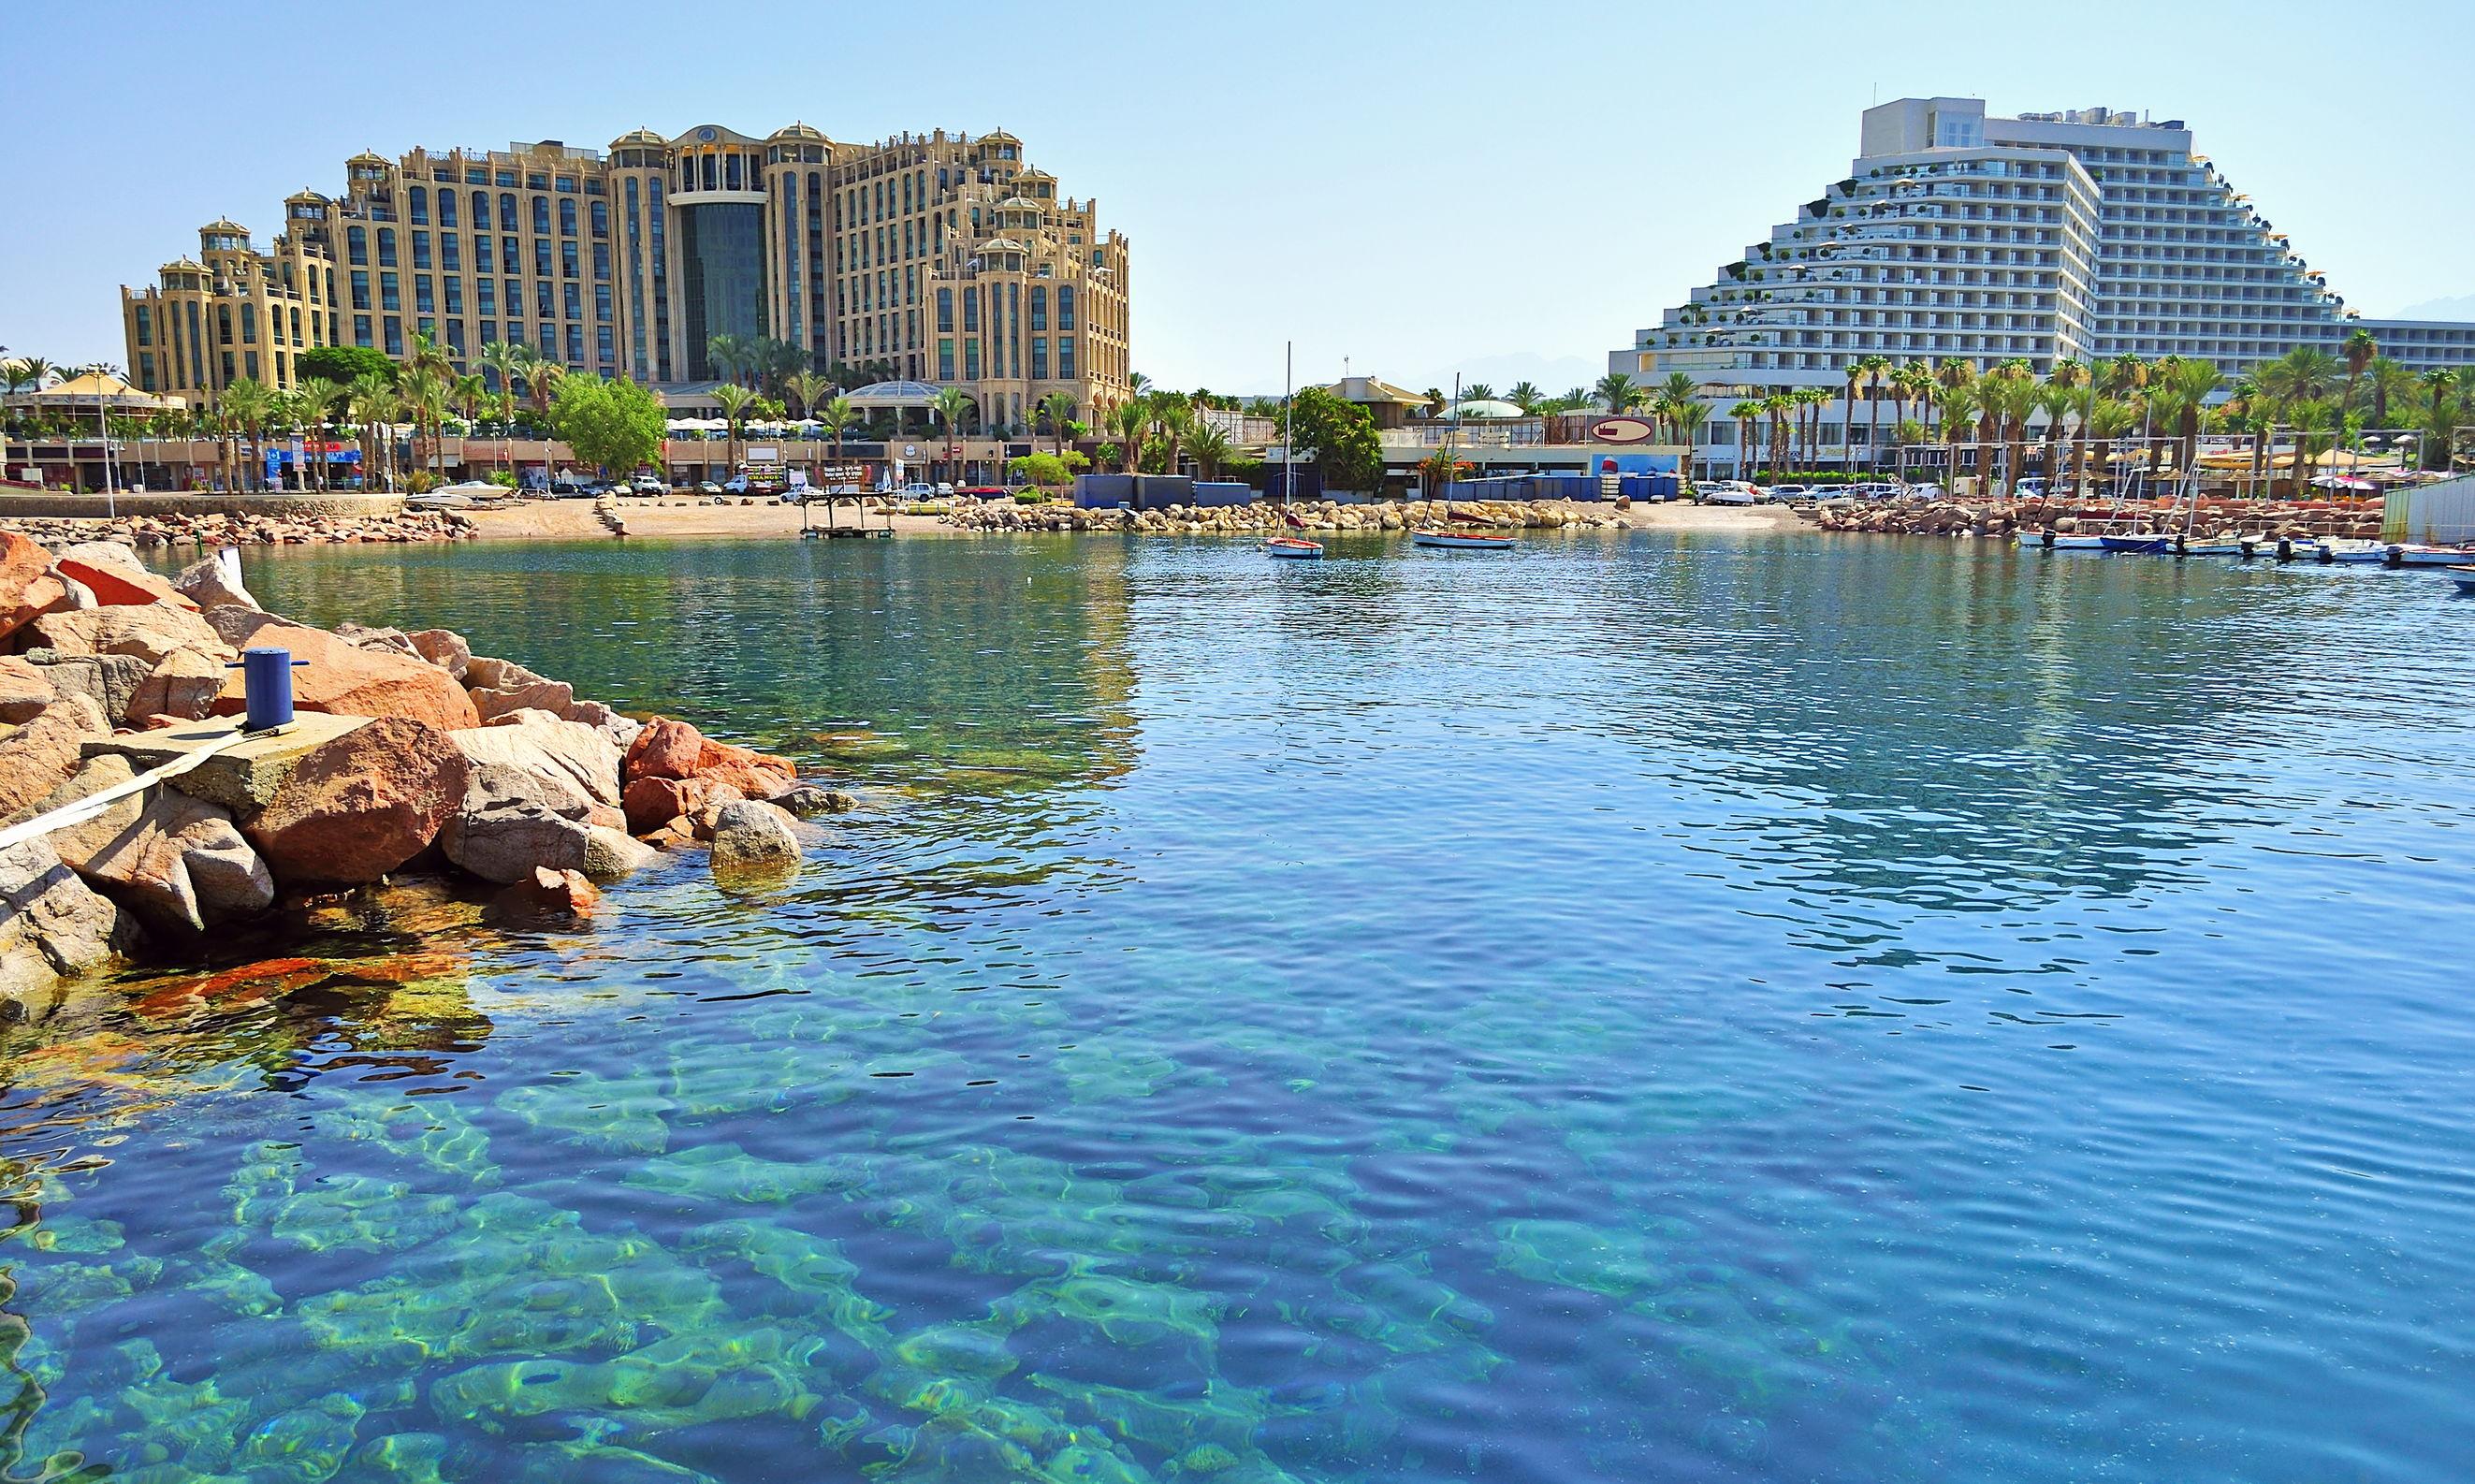 Eilat - a resort town